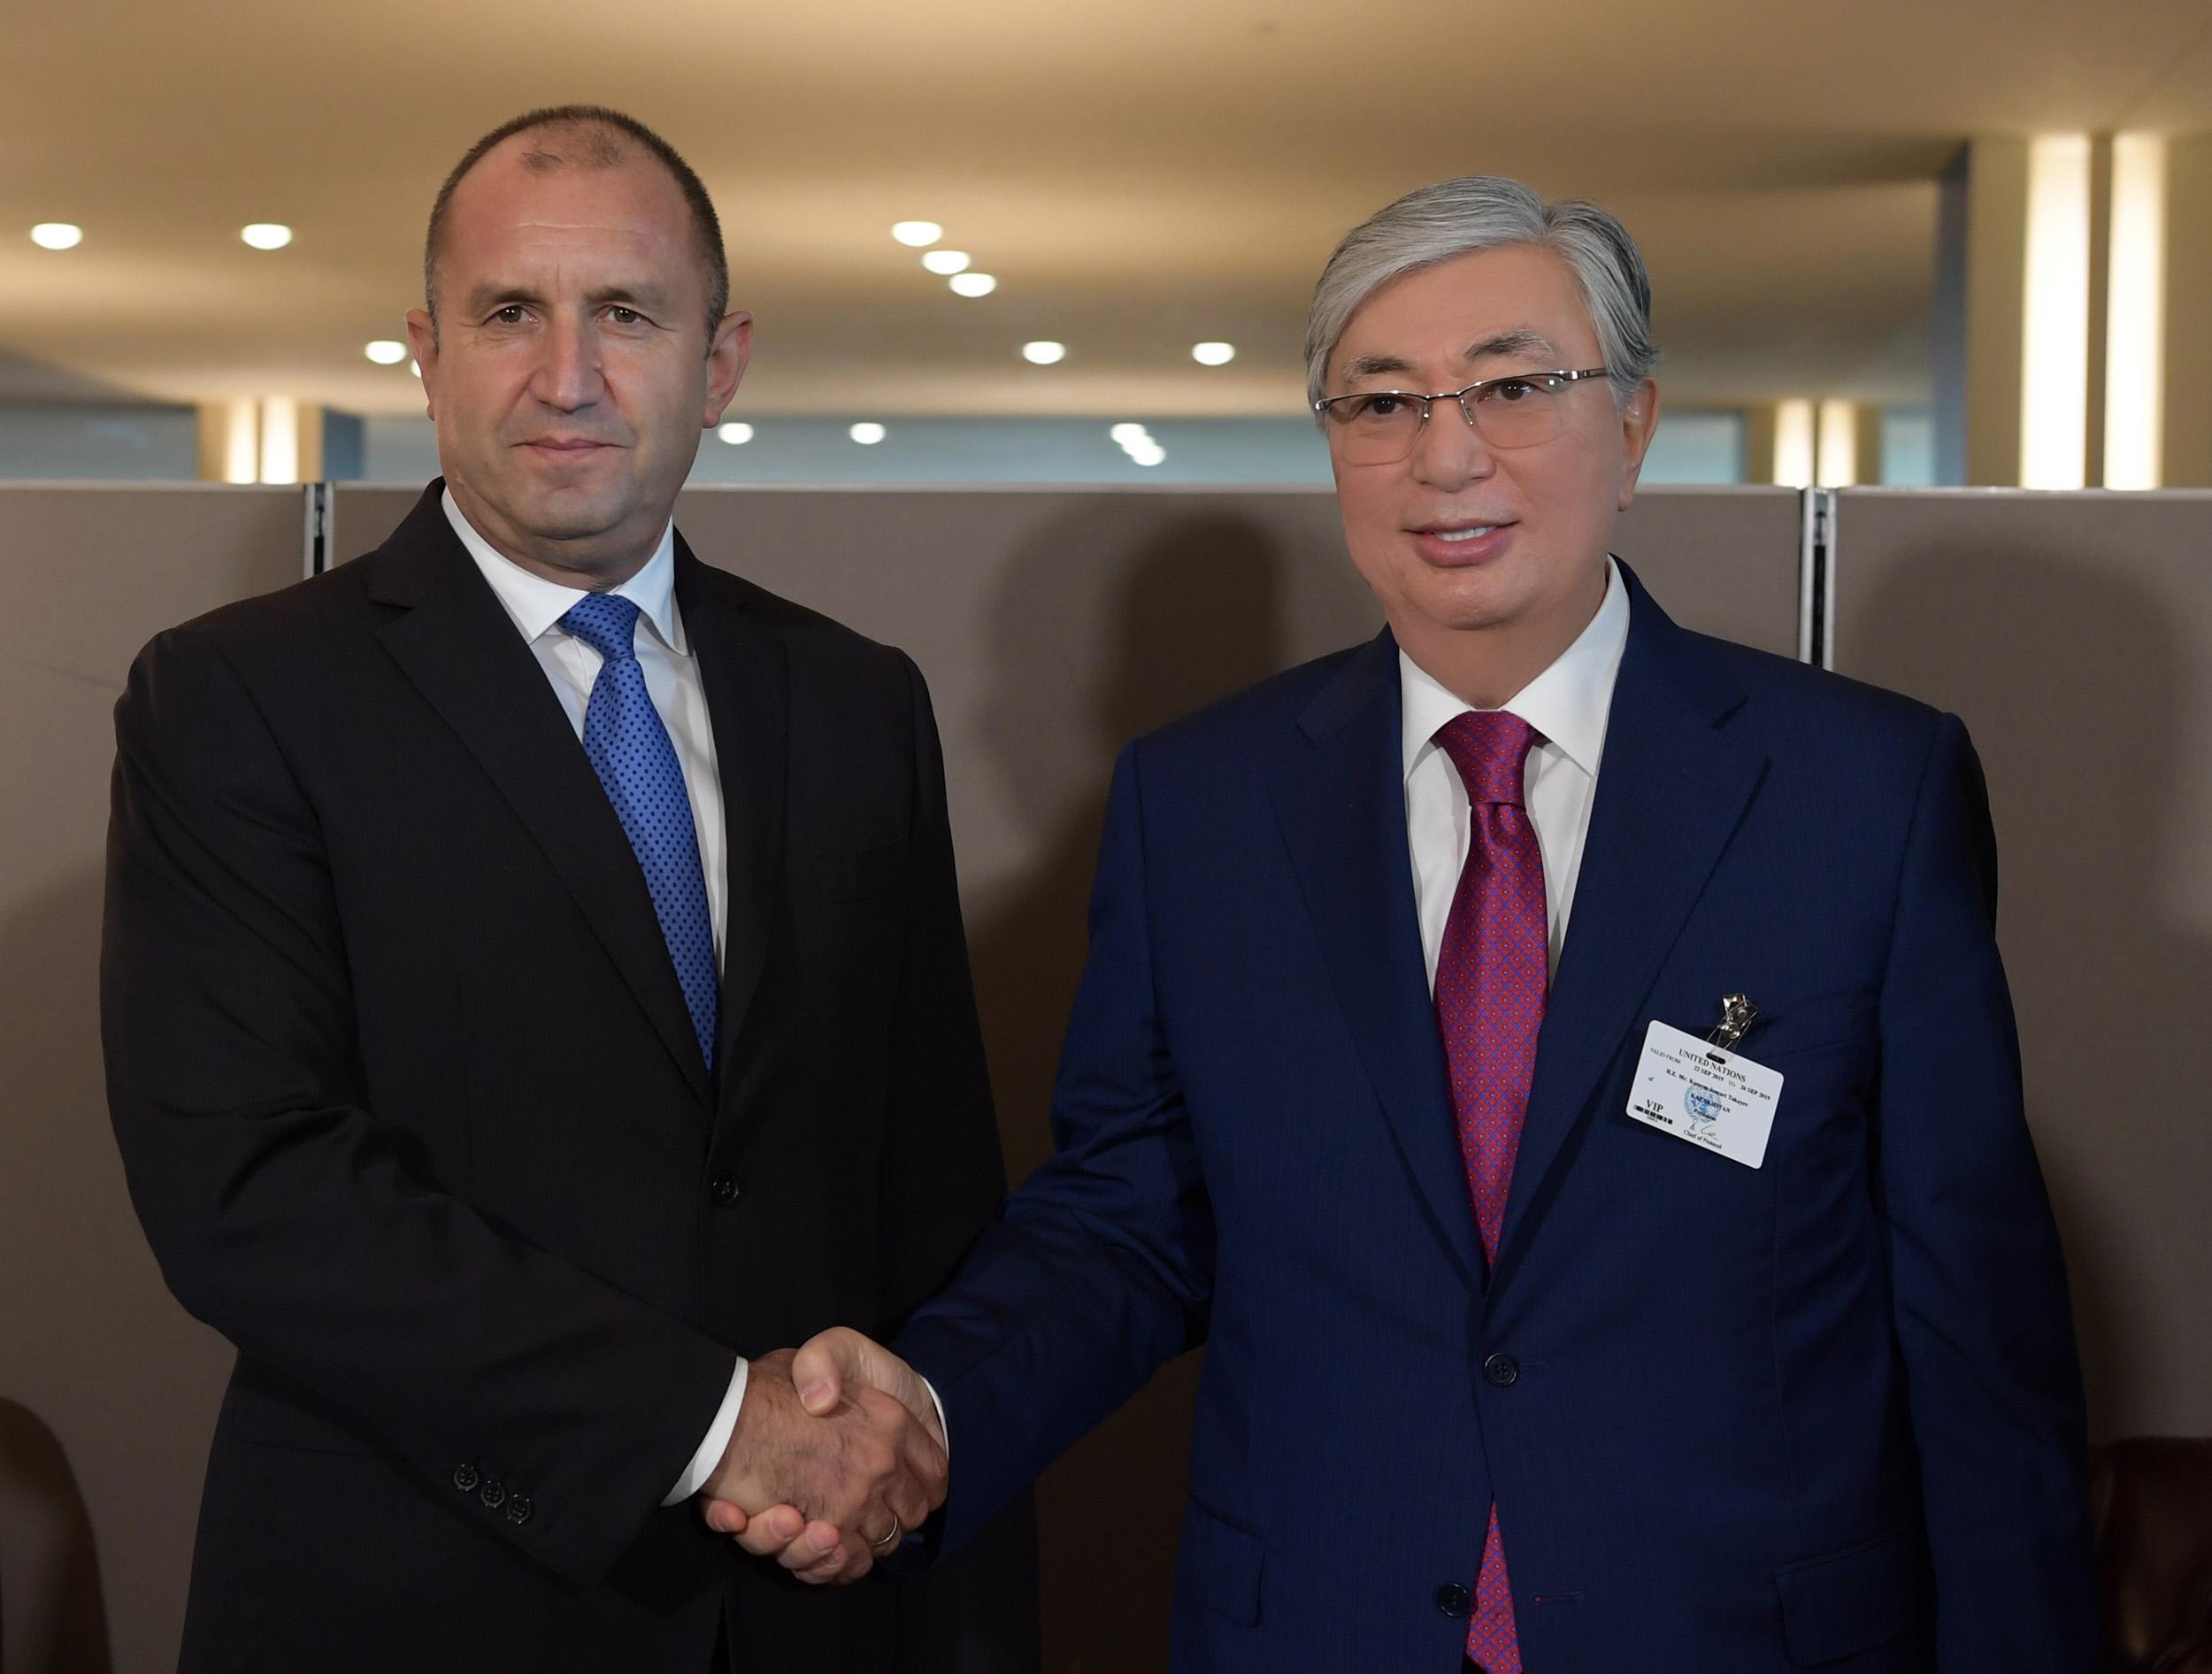 """Президенты Казахстана и Болгарии """"на полях"""" ГА ООН обсудили перспективы сотрудничества двух стран"""